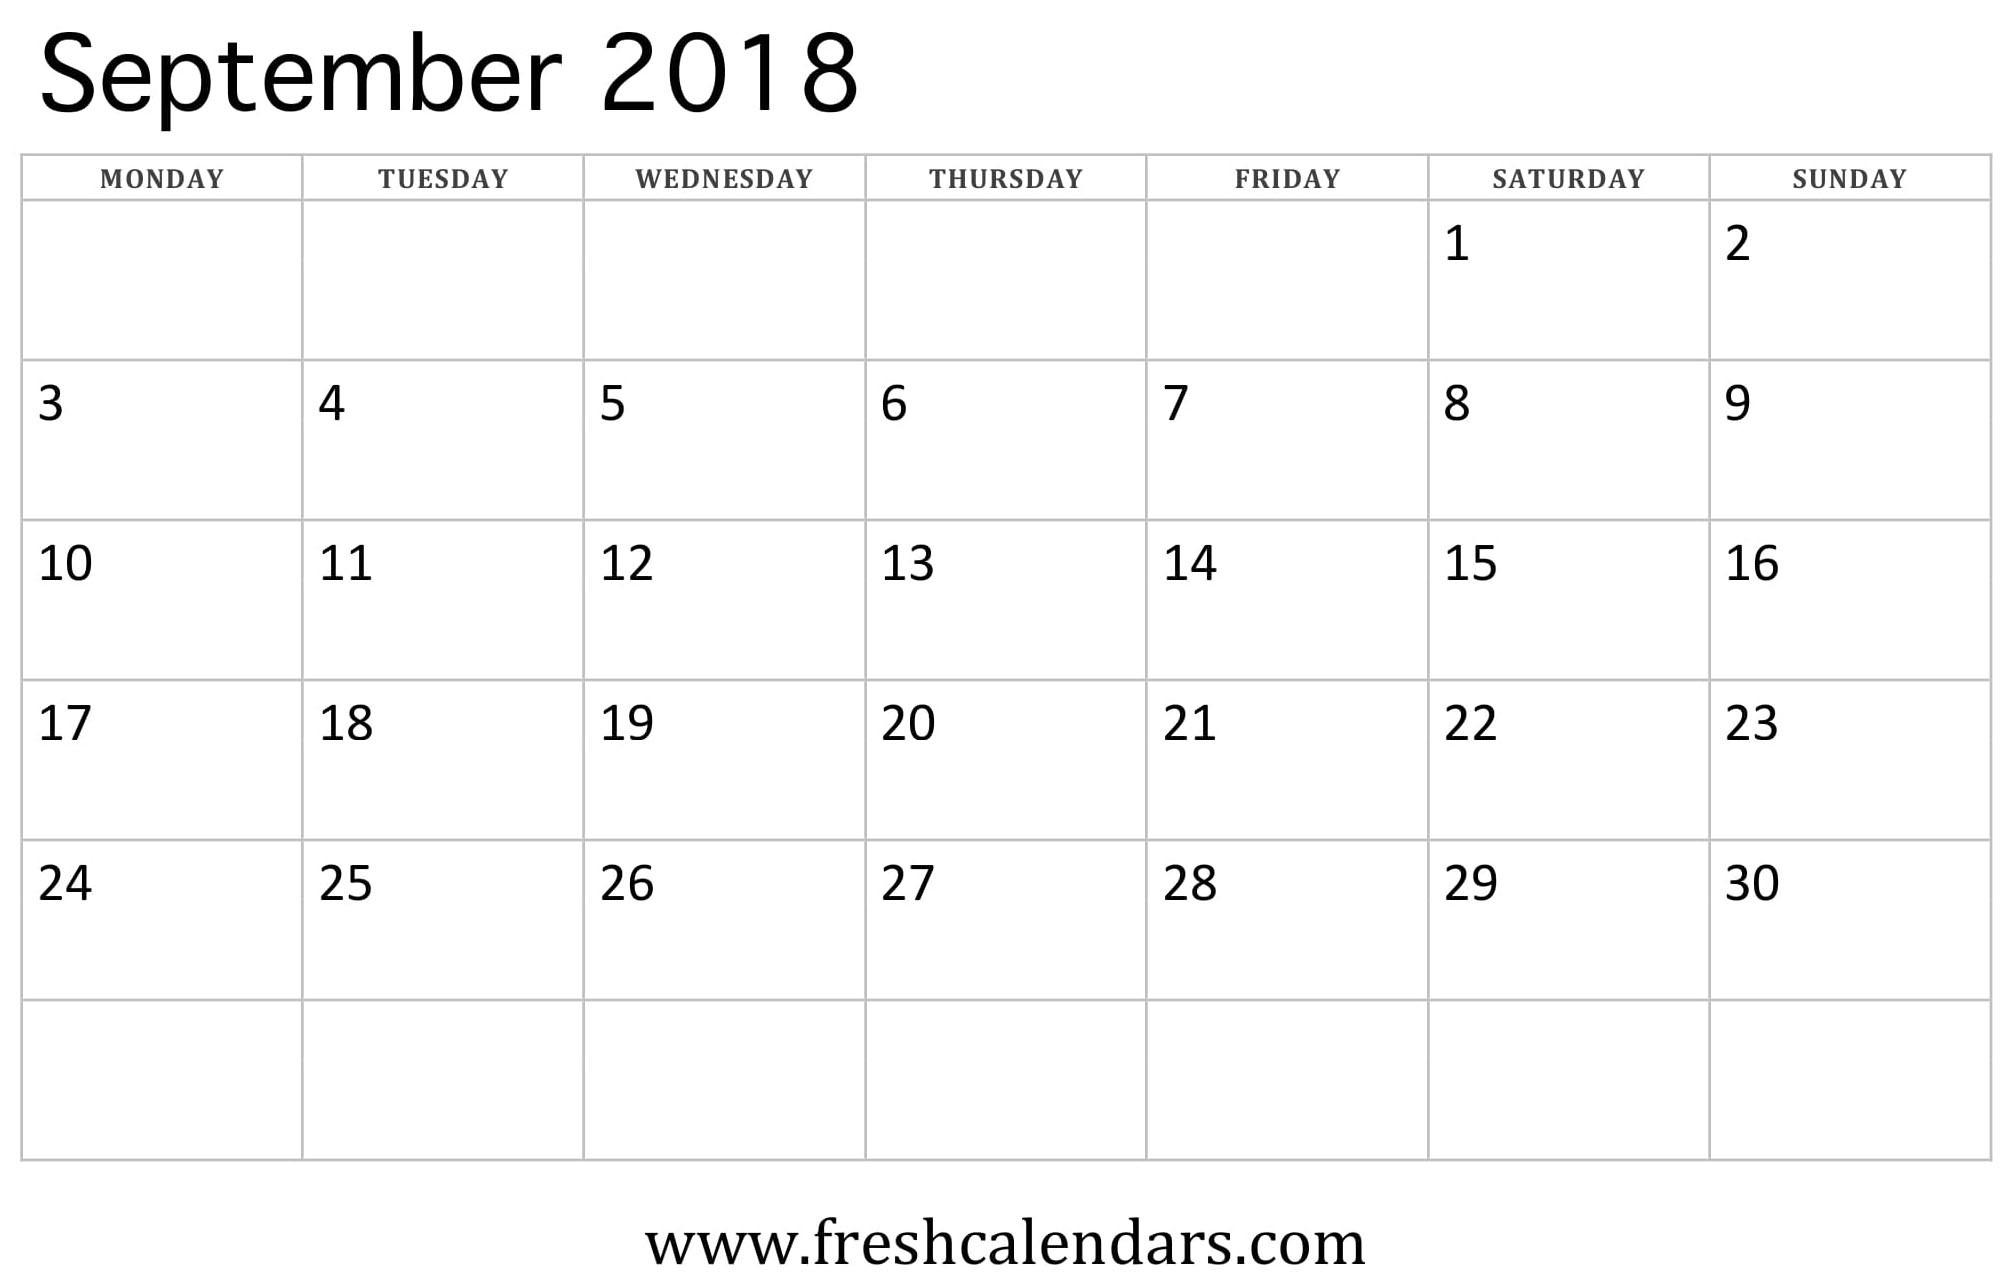 September 2018 Calendar Printable - Fresh Calendars-Blank September Calendar Monday Start